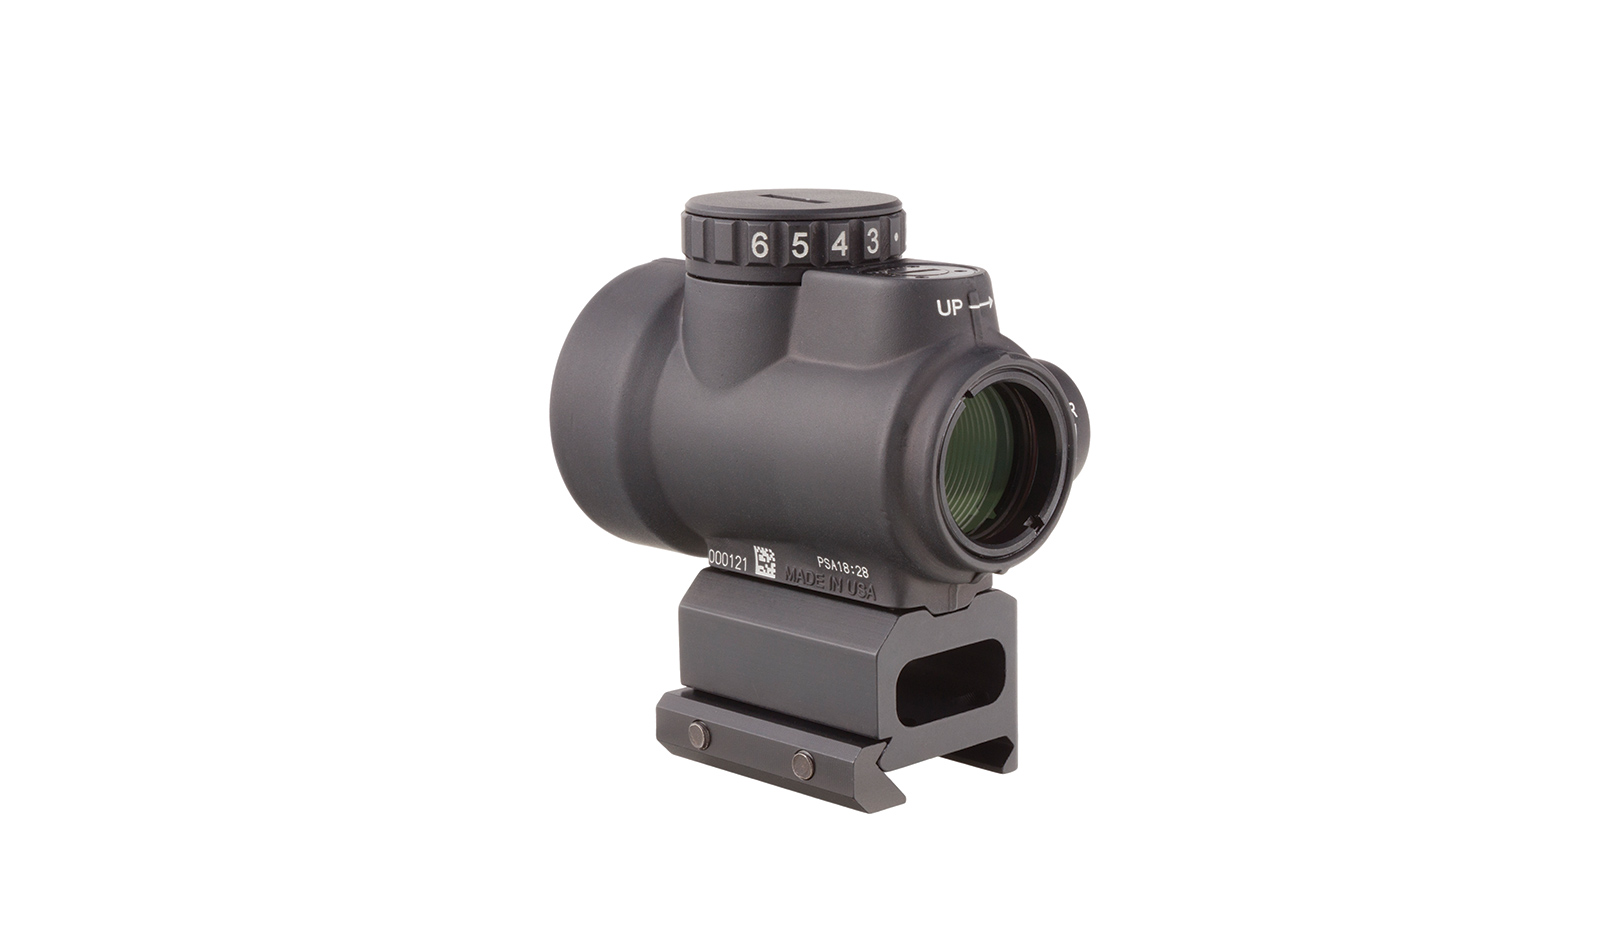 MRO-C-2200005 angle 3